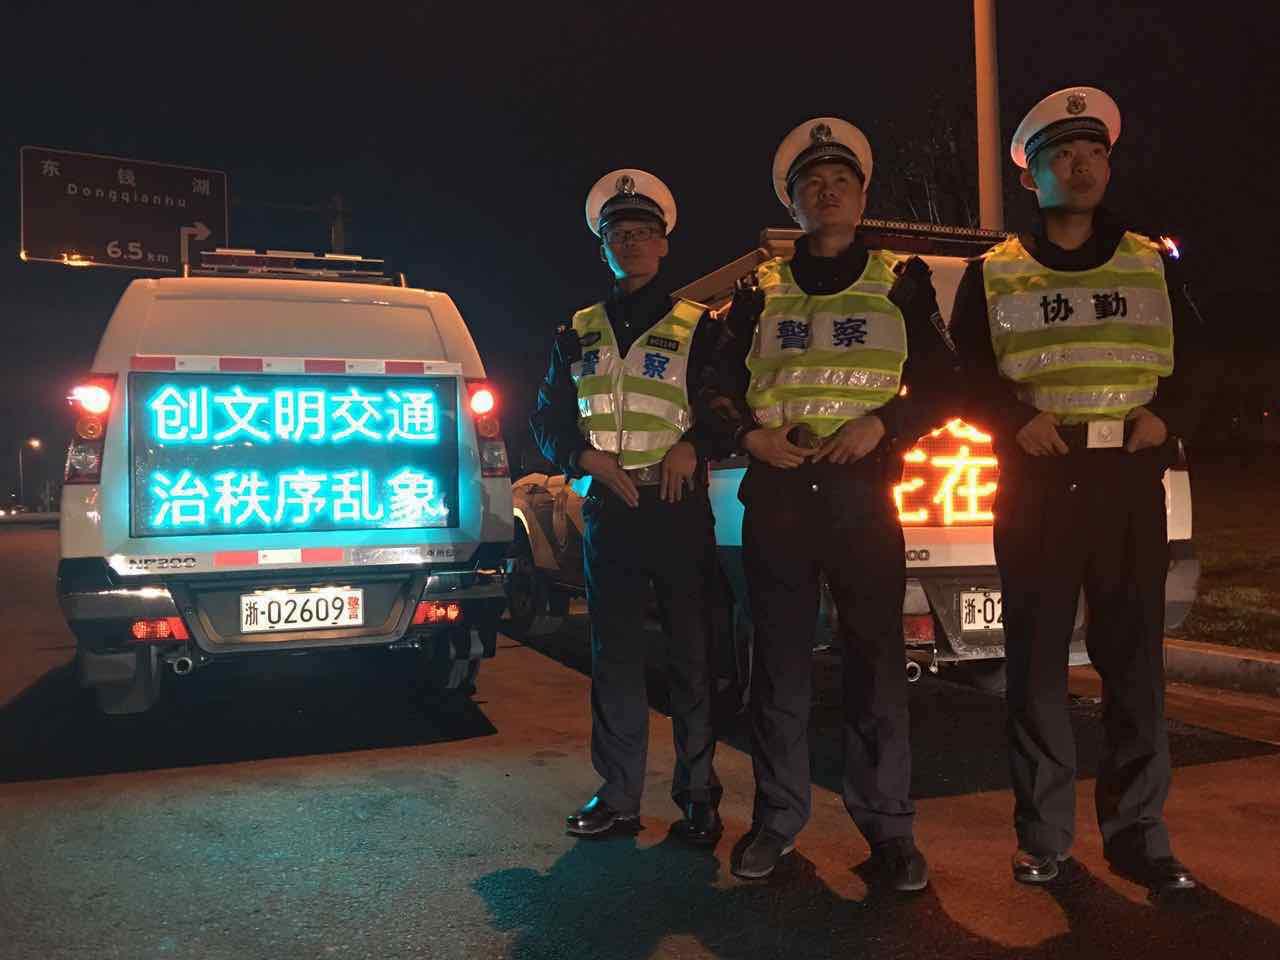 浙江宁波:打违治乱十个月 小心驾驶莫被罚